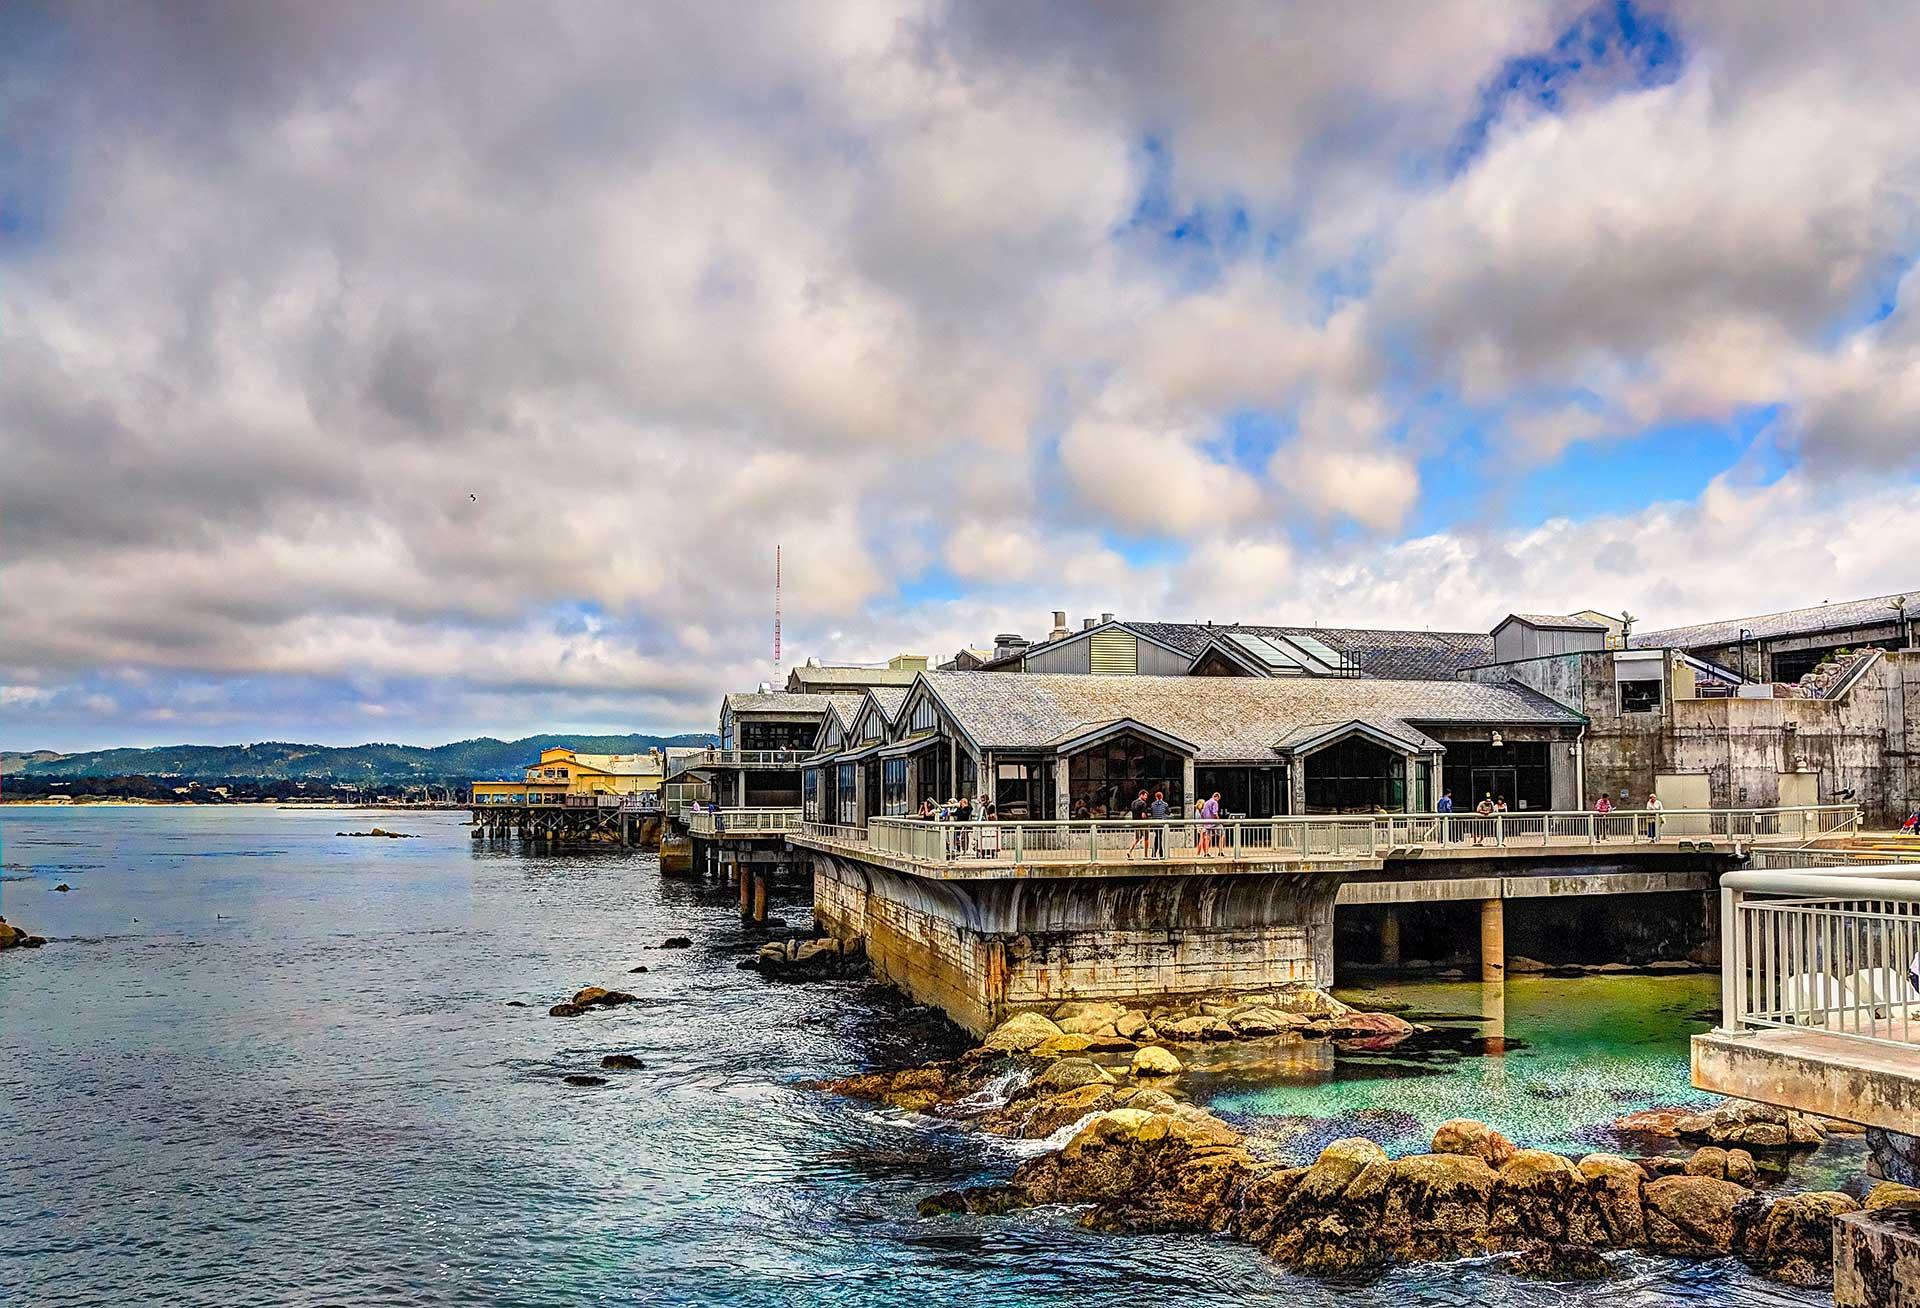 Attractions - Monterey Bay Aquarium